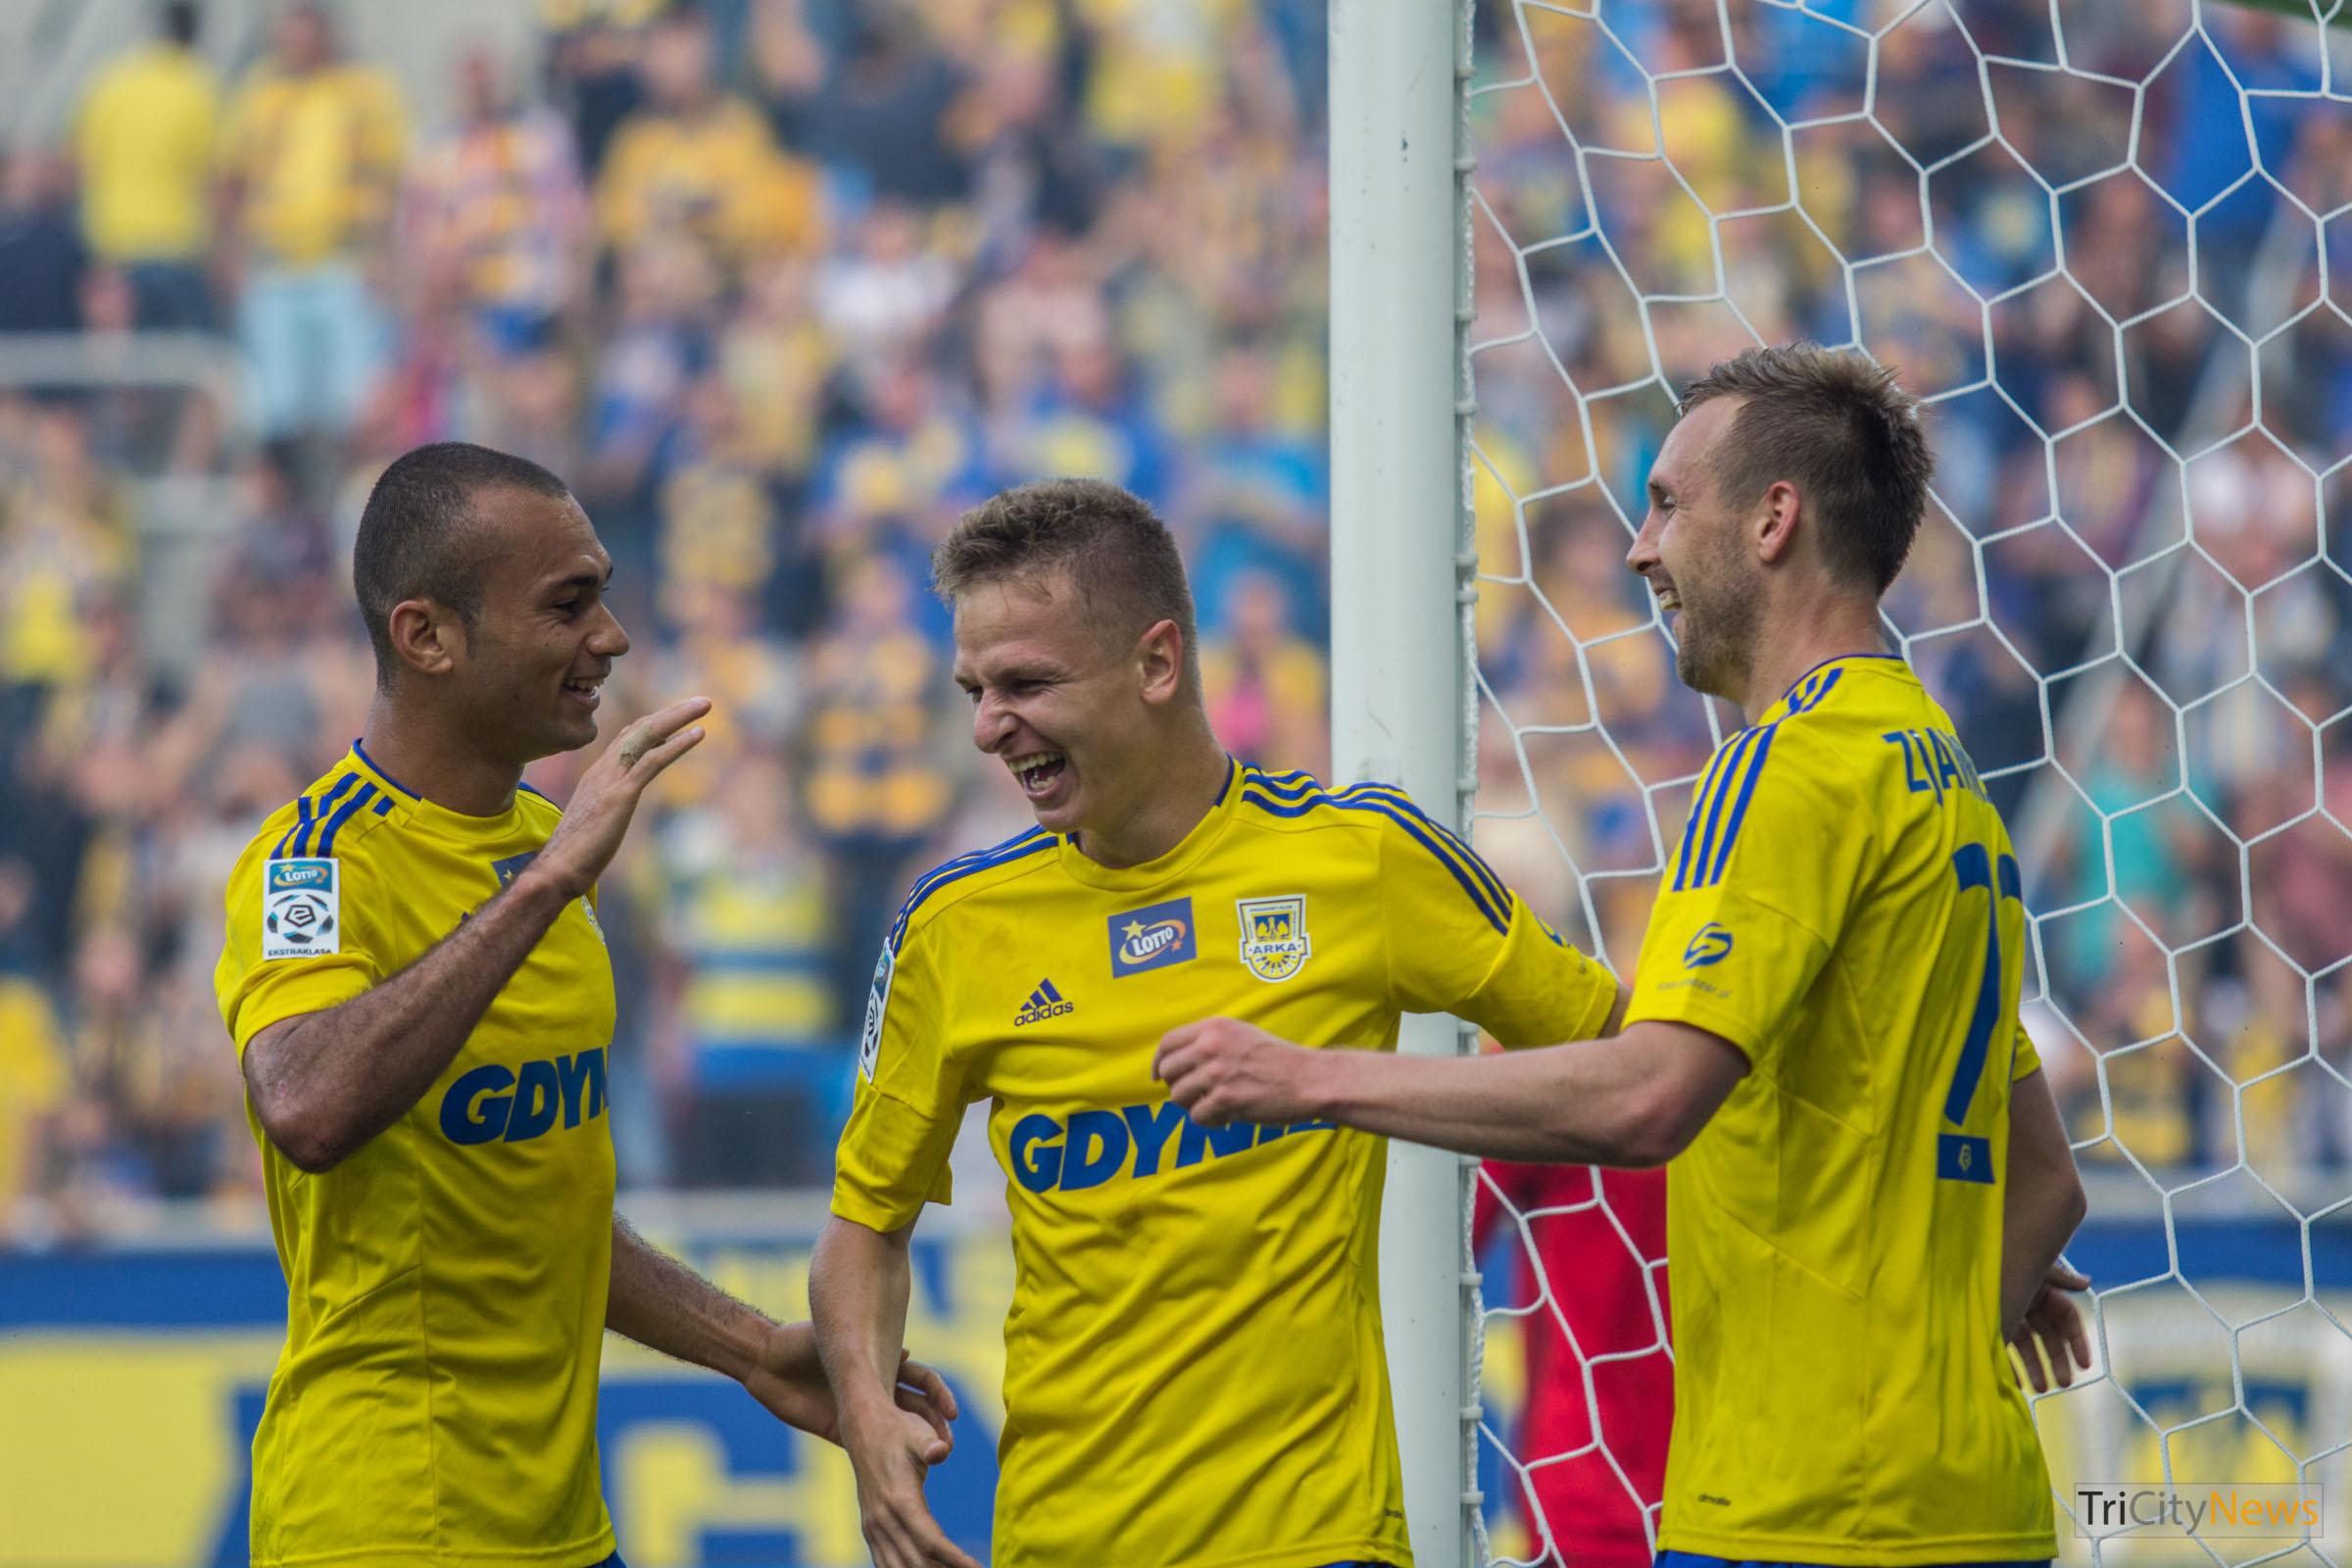 Arka Gdynia, Photo: Jakub Woźniak/Tricity News